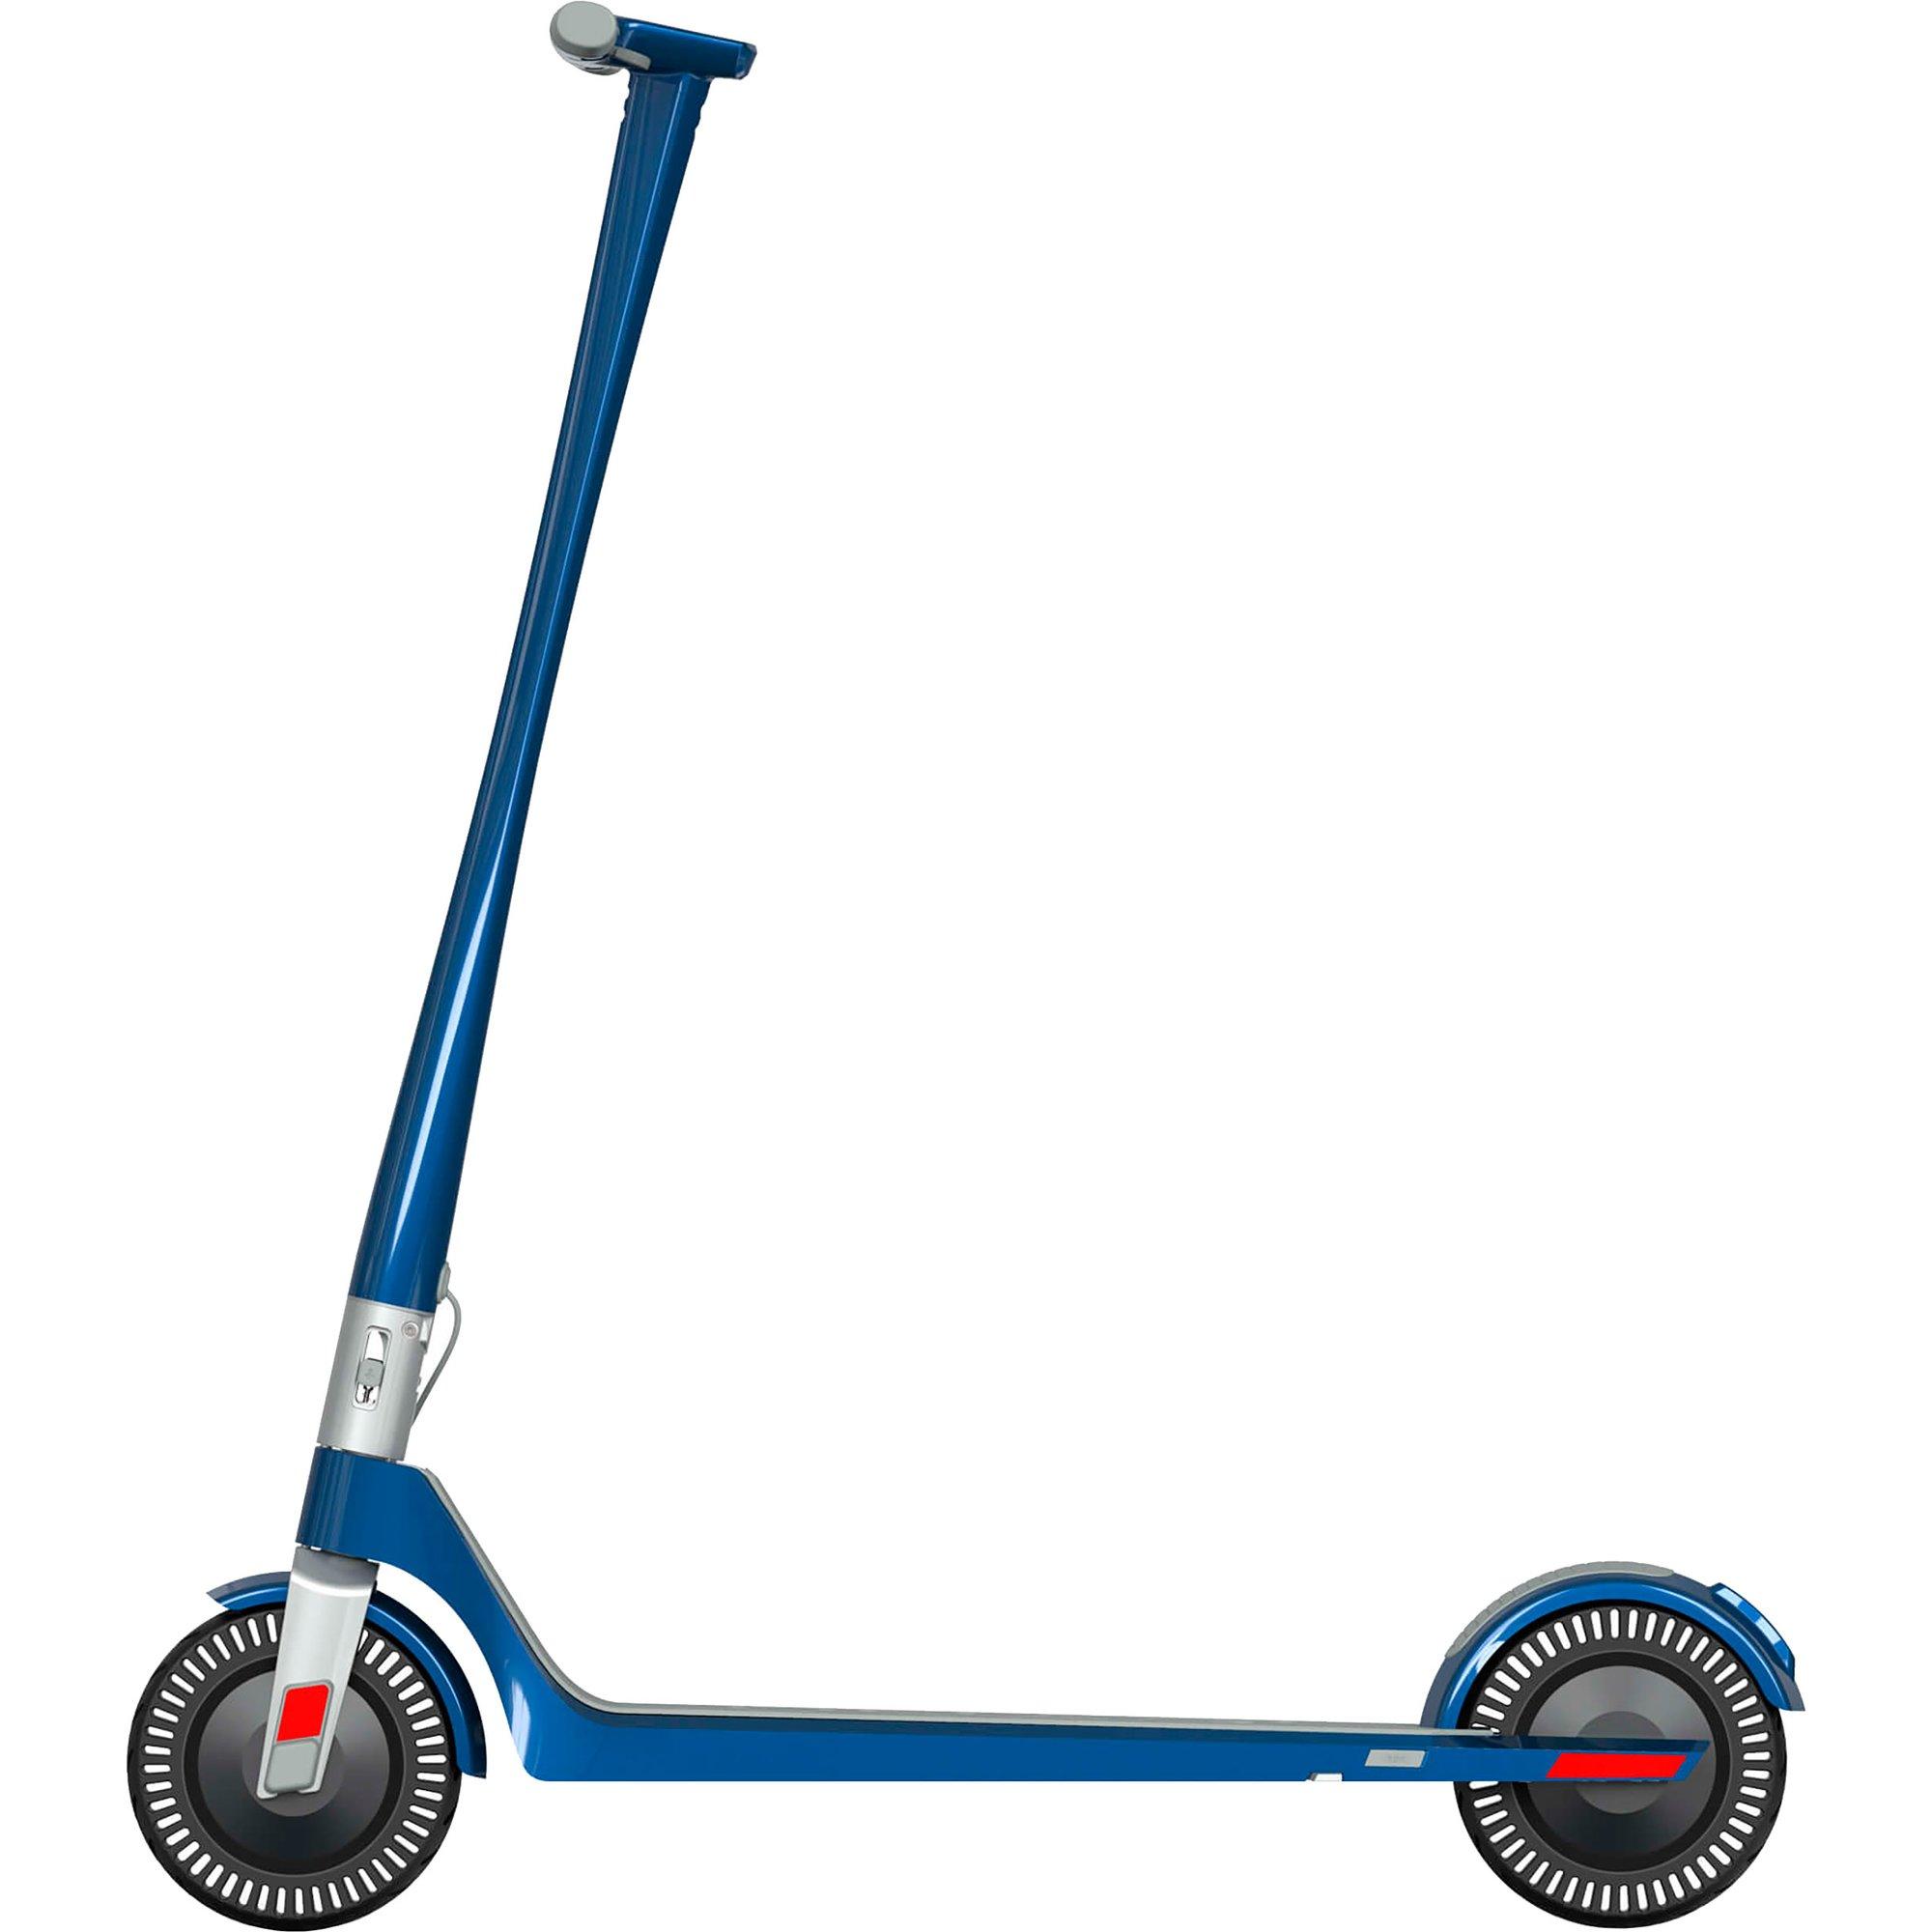 Unagi The Model One E500 Cosmic Blue